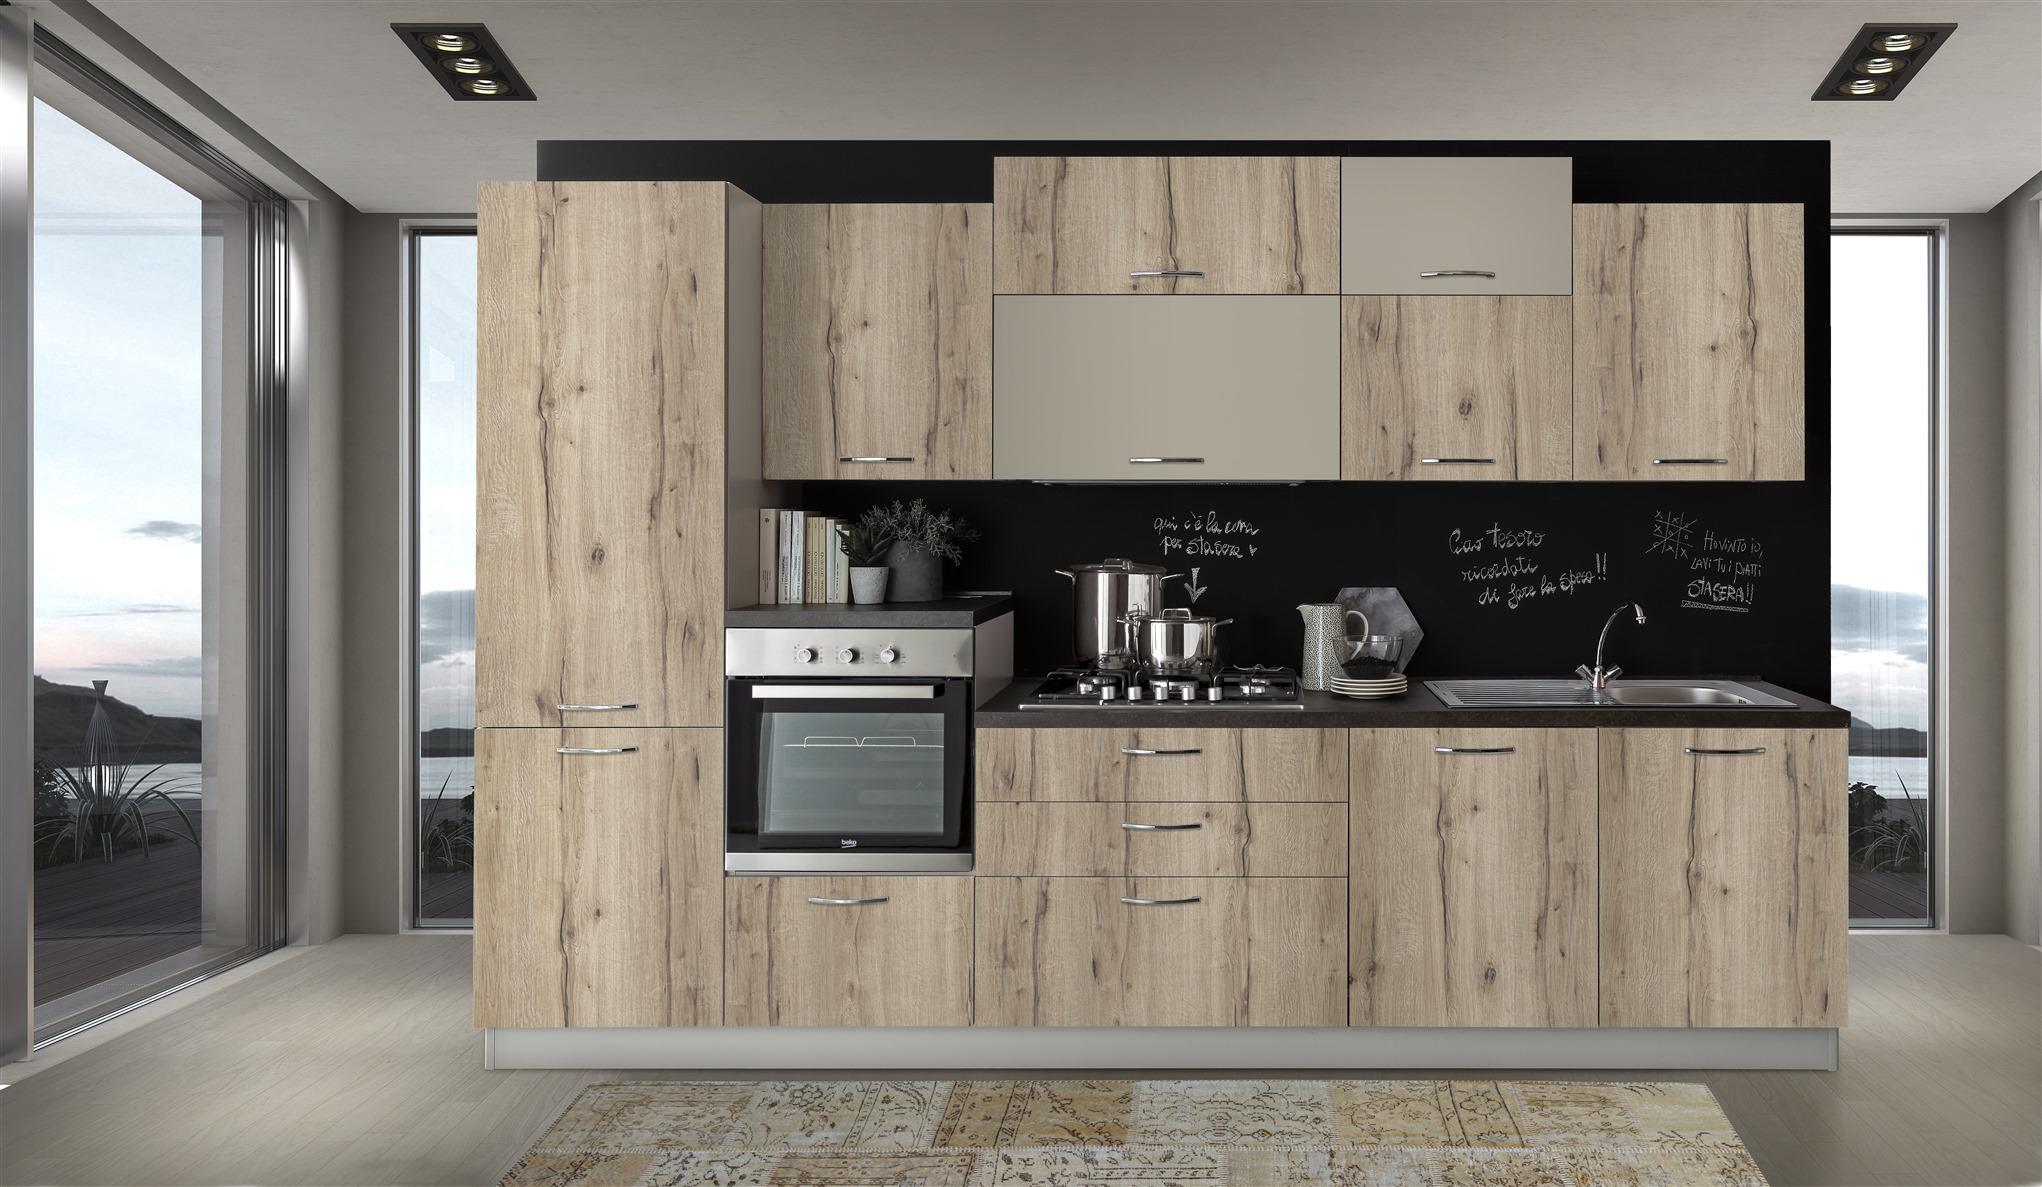 Cucina newsmart lavastoviglie arredamenti di lorenzo napoli - Cucine componibili con lavastoviglie ...